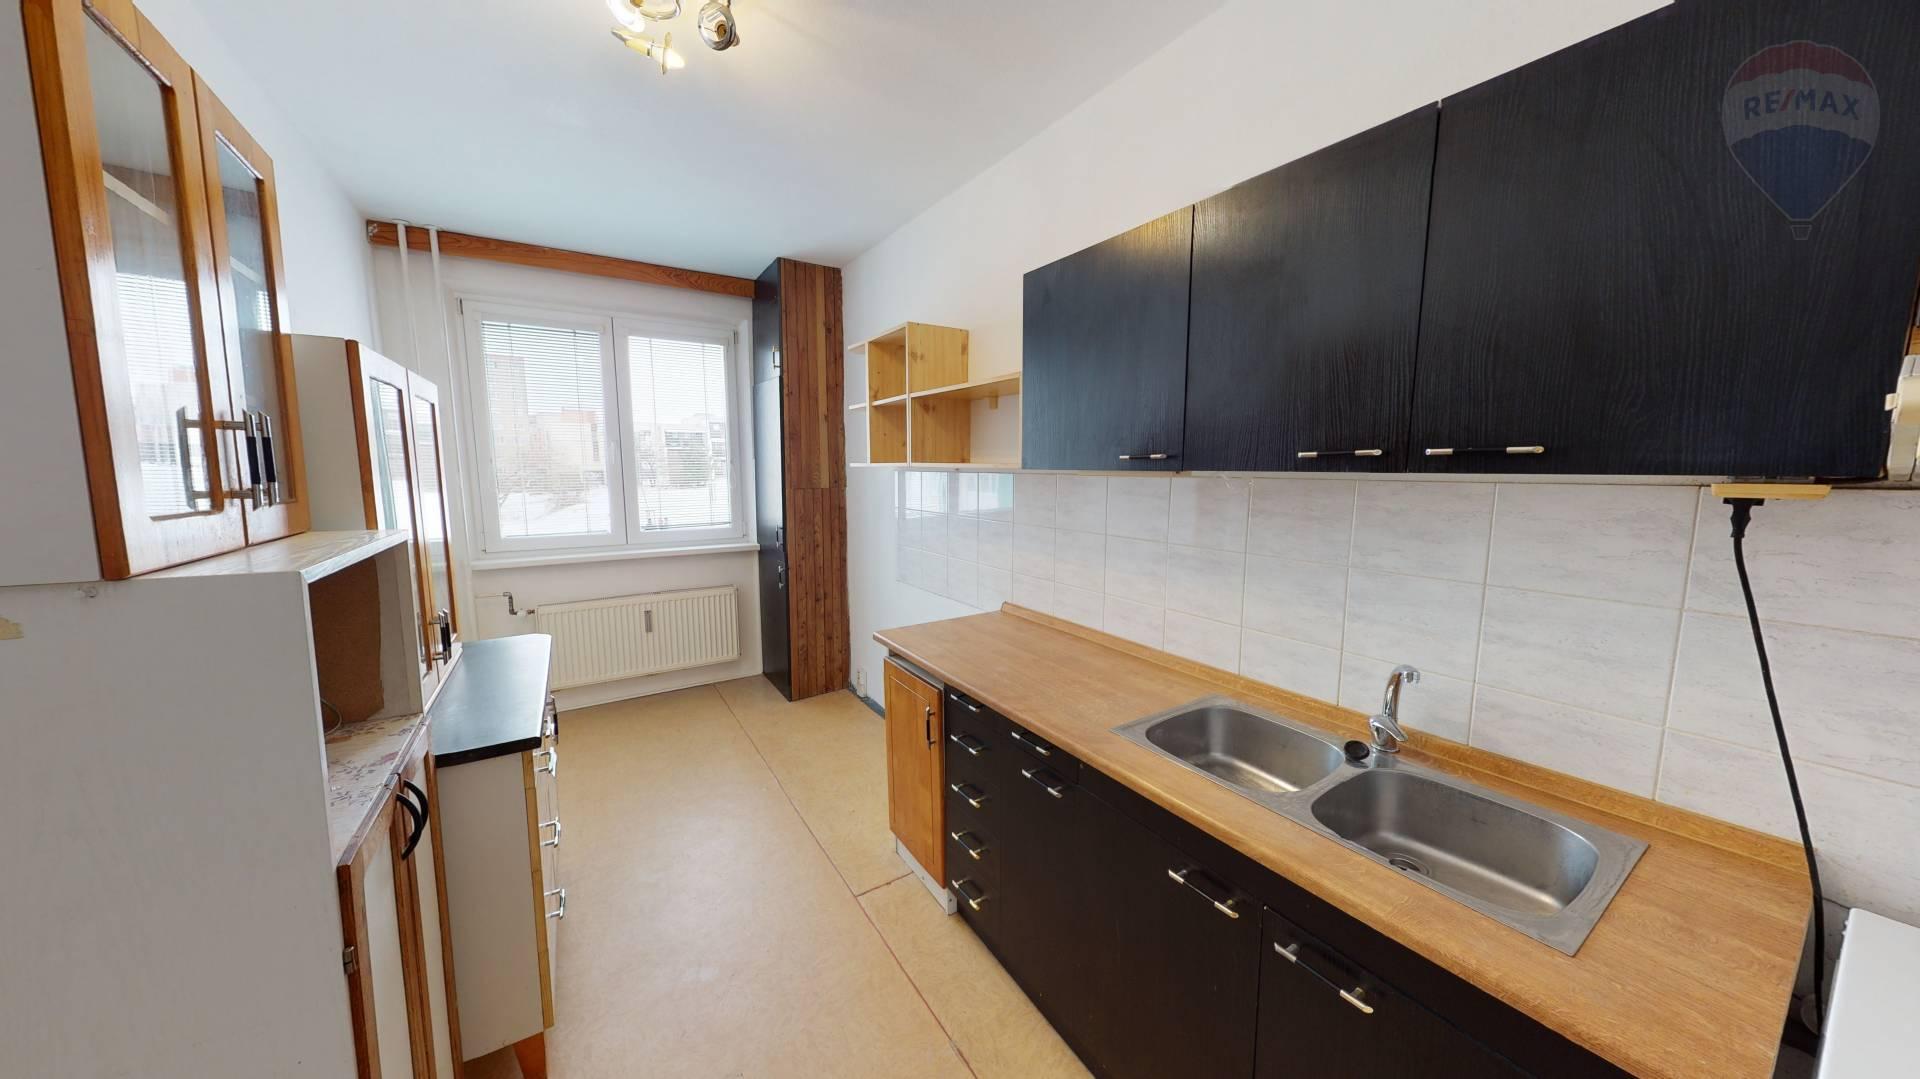 3 izbový byt na prenájom, Ďumbierska ulica, Prešov